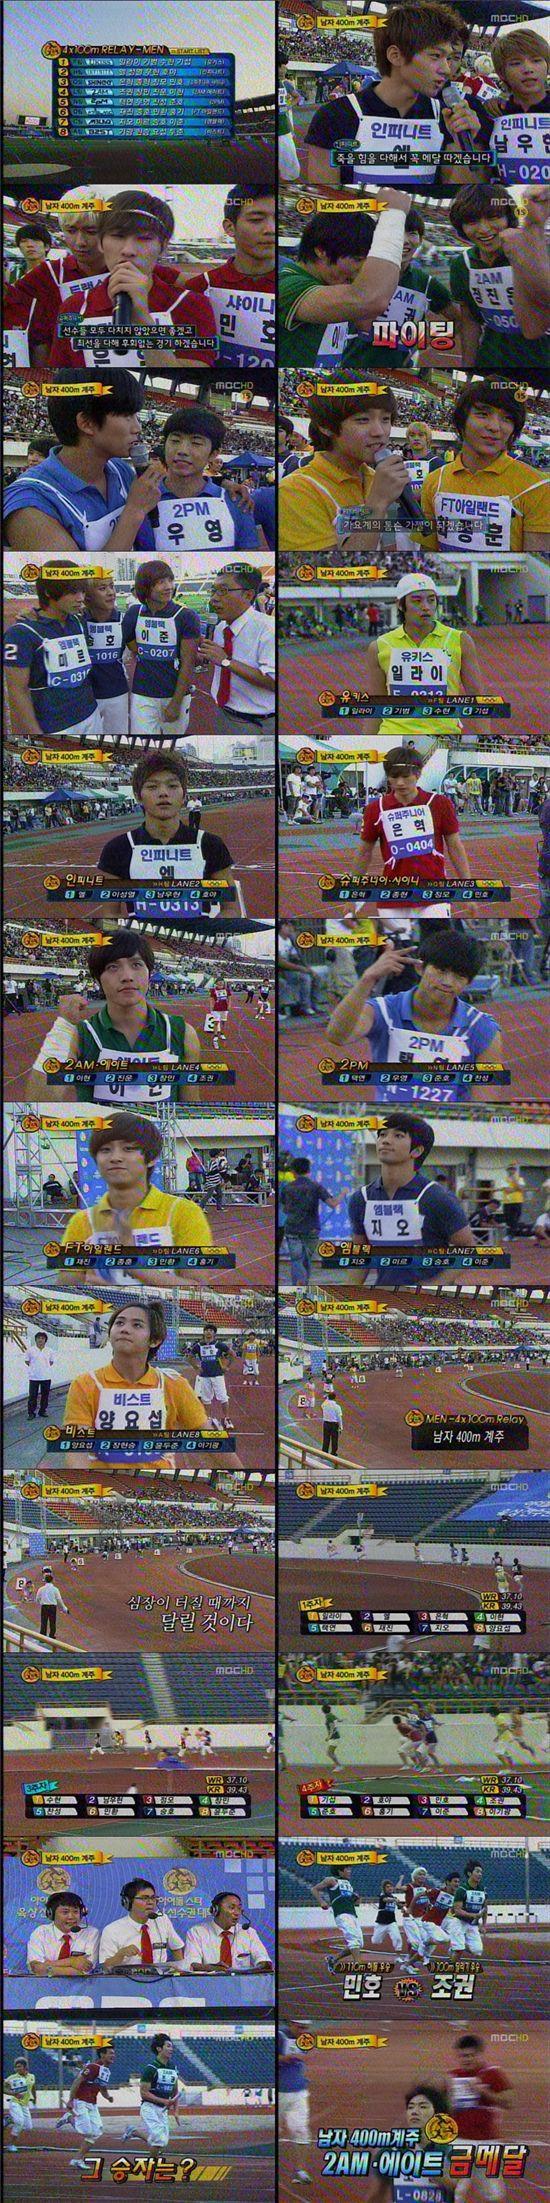 '남자 400m 계주' 2AM-에이트 금메달', 슈주-샤이니 은메달 획득